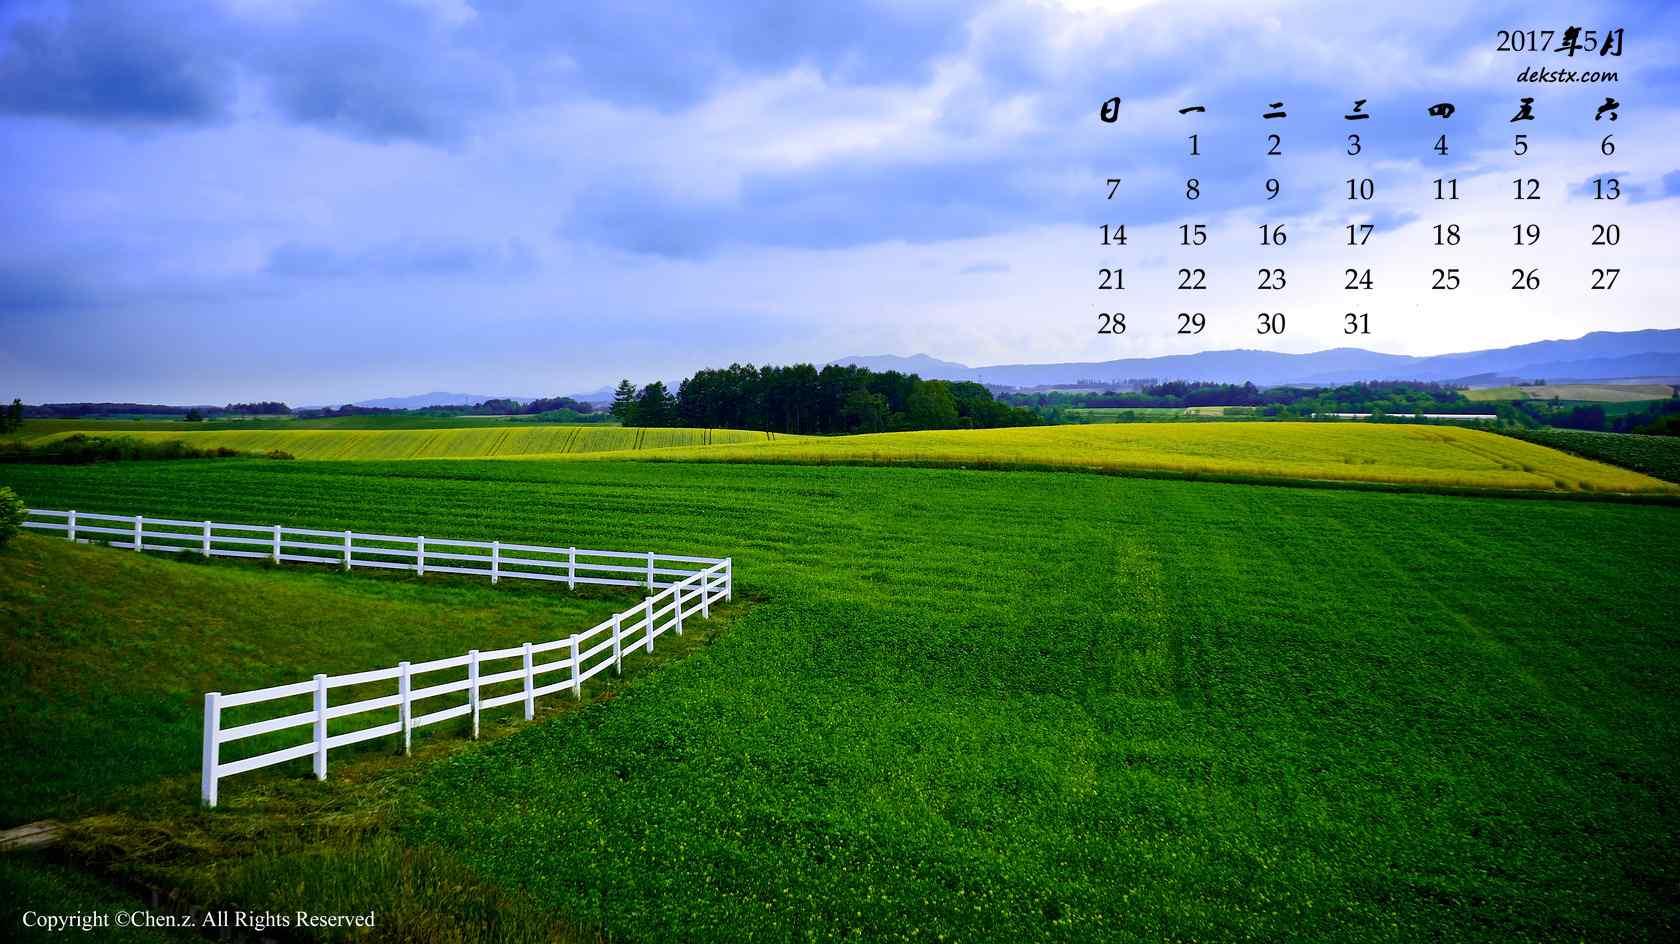 2017年5月草原之上的蓝天日历壁纸